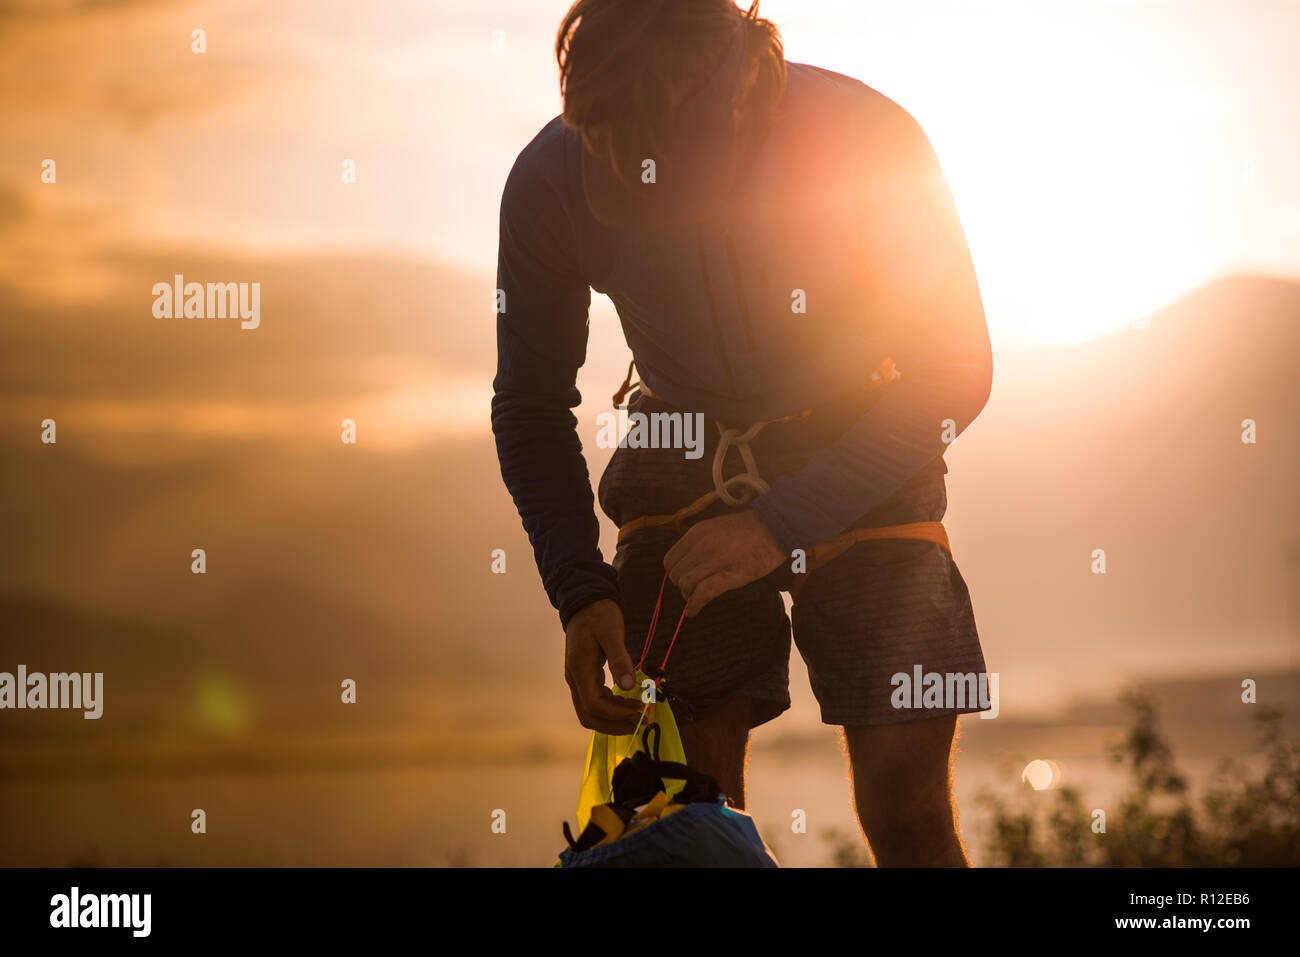 Hombre en viaje de escalada en roca, Squamish, Canadá Imagen De Stock